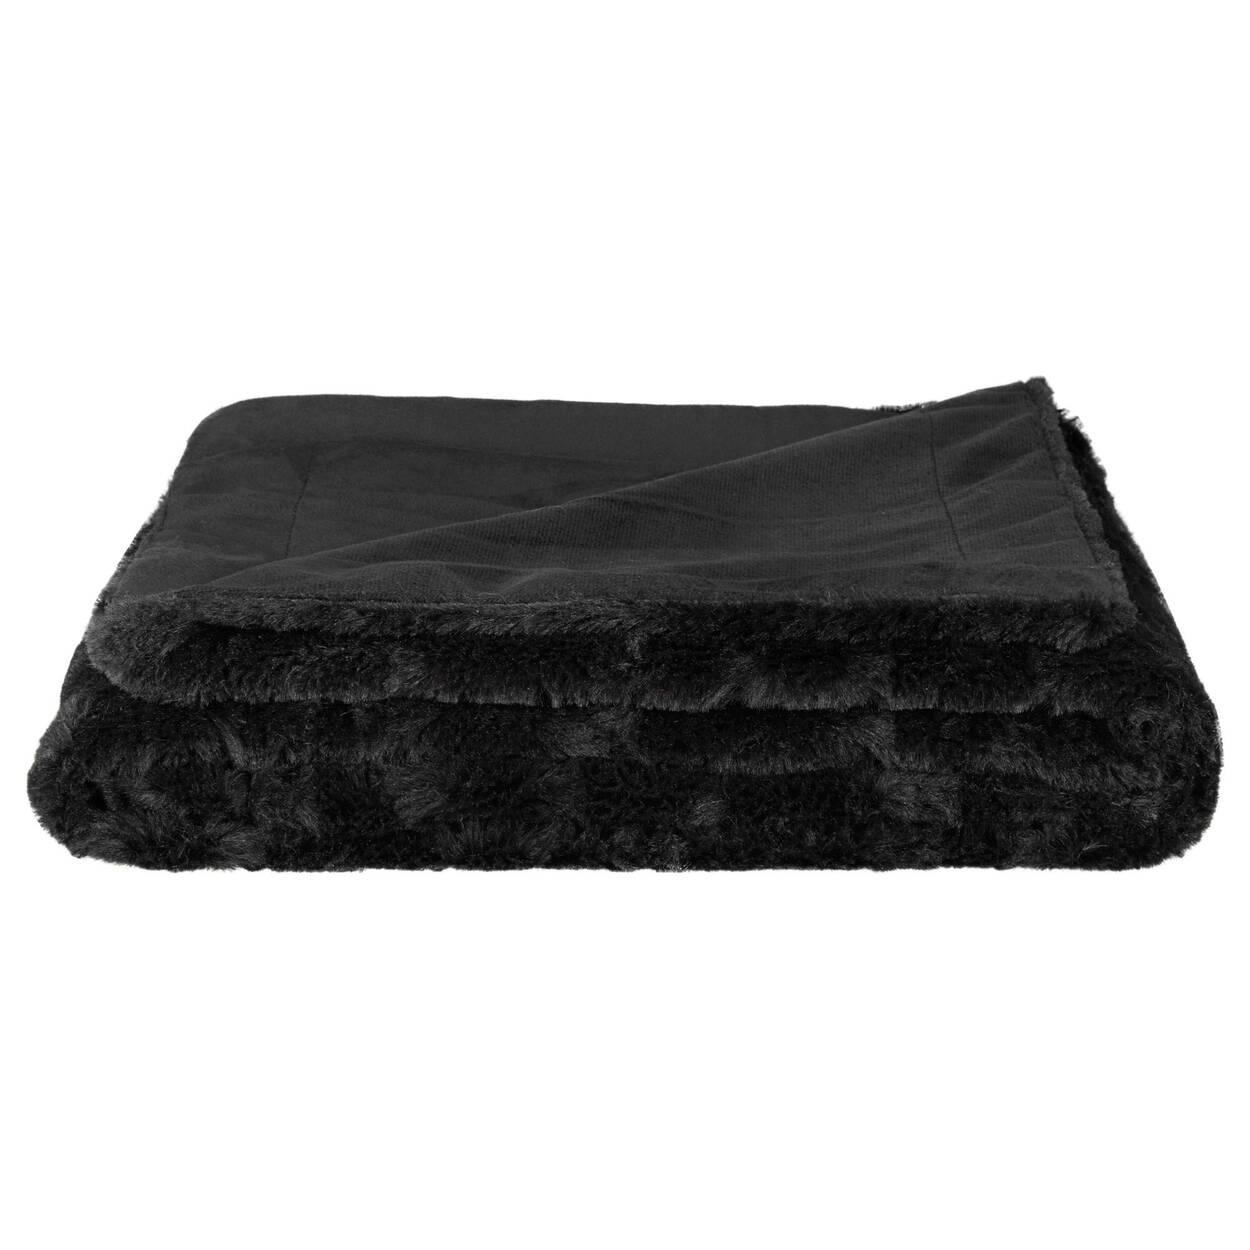 jet en fausse fourrure de lapin kilis 50 x 60. Black Bedroom Furniture Sets. Home Design Ideas